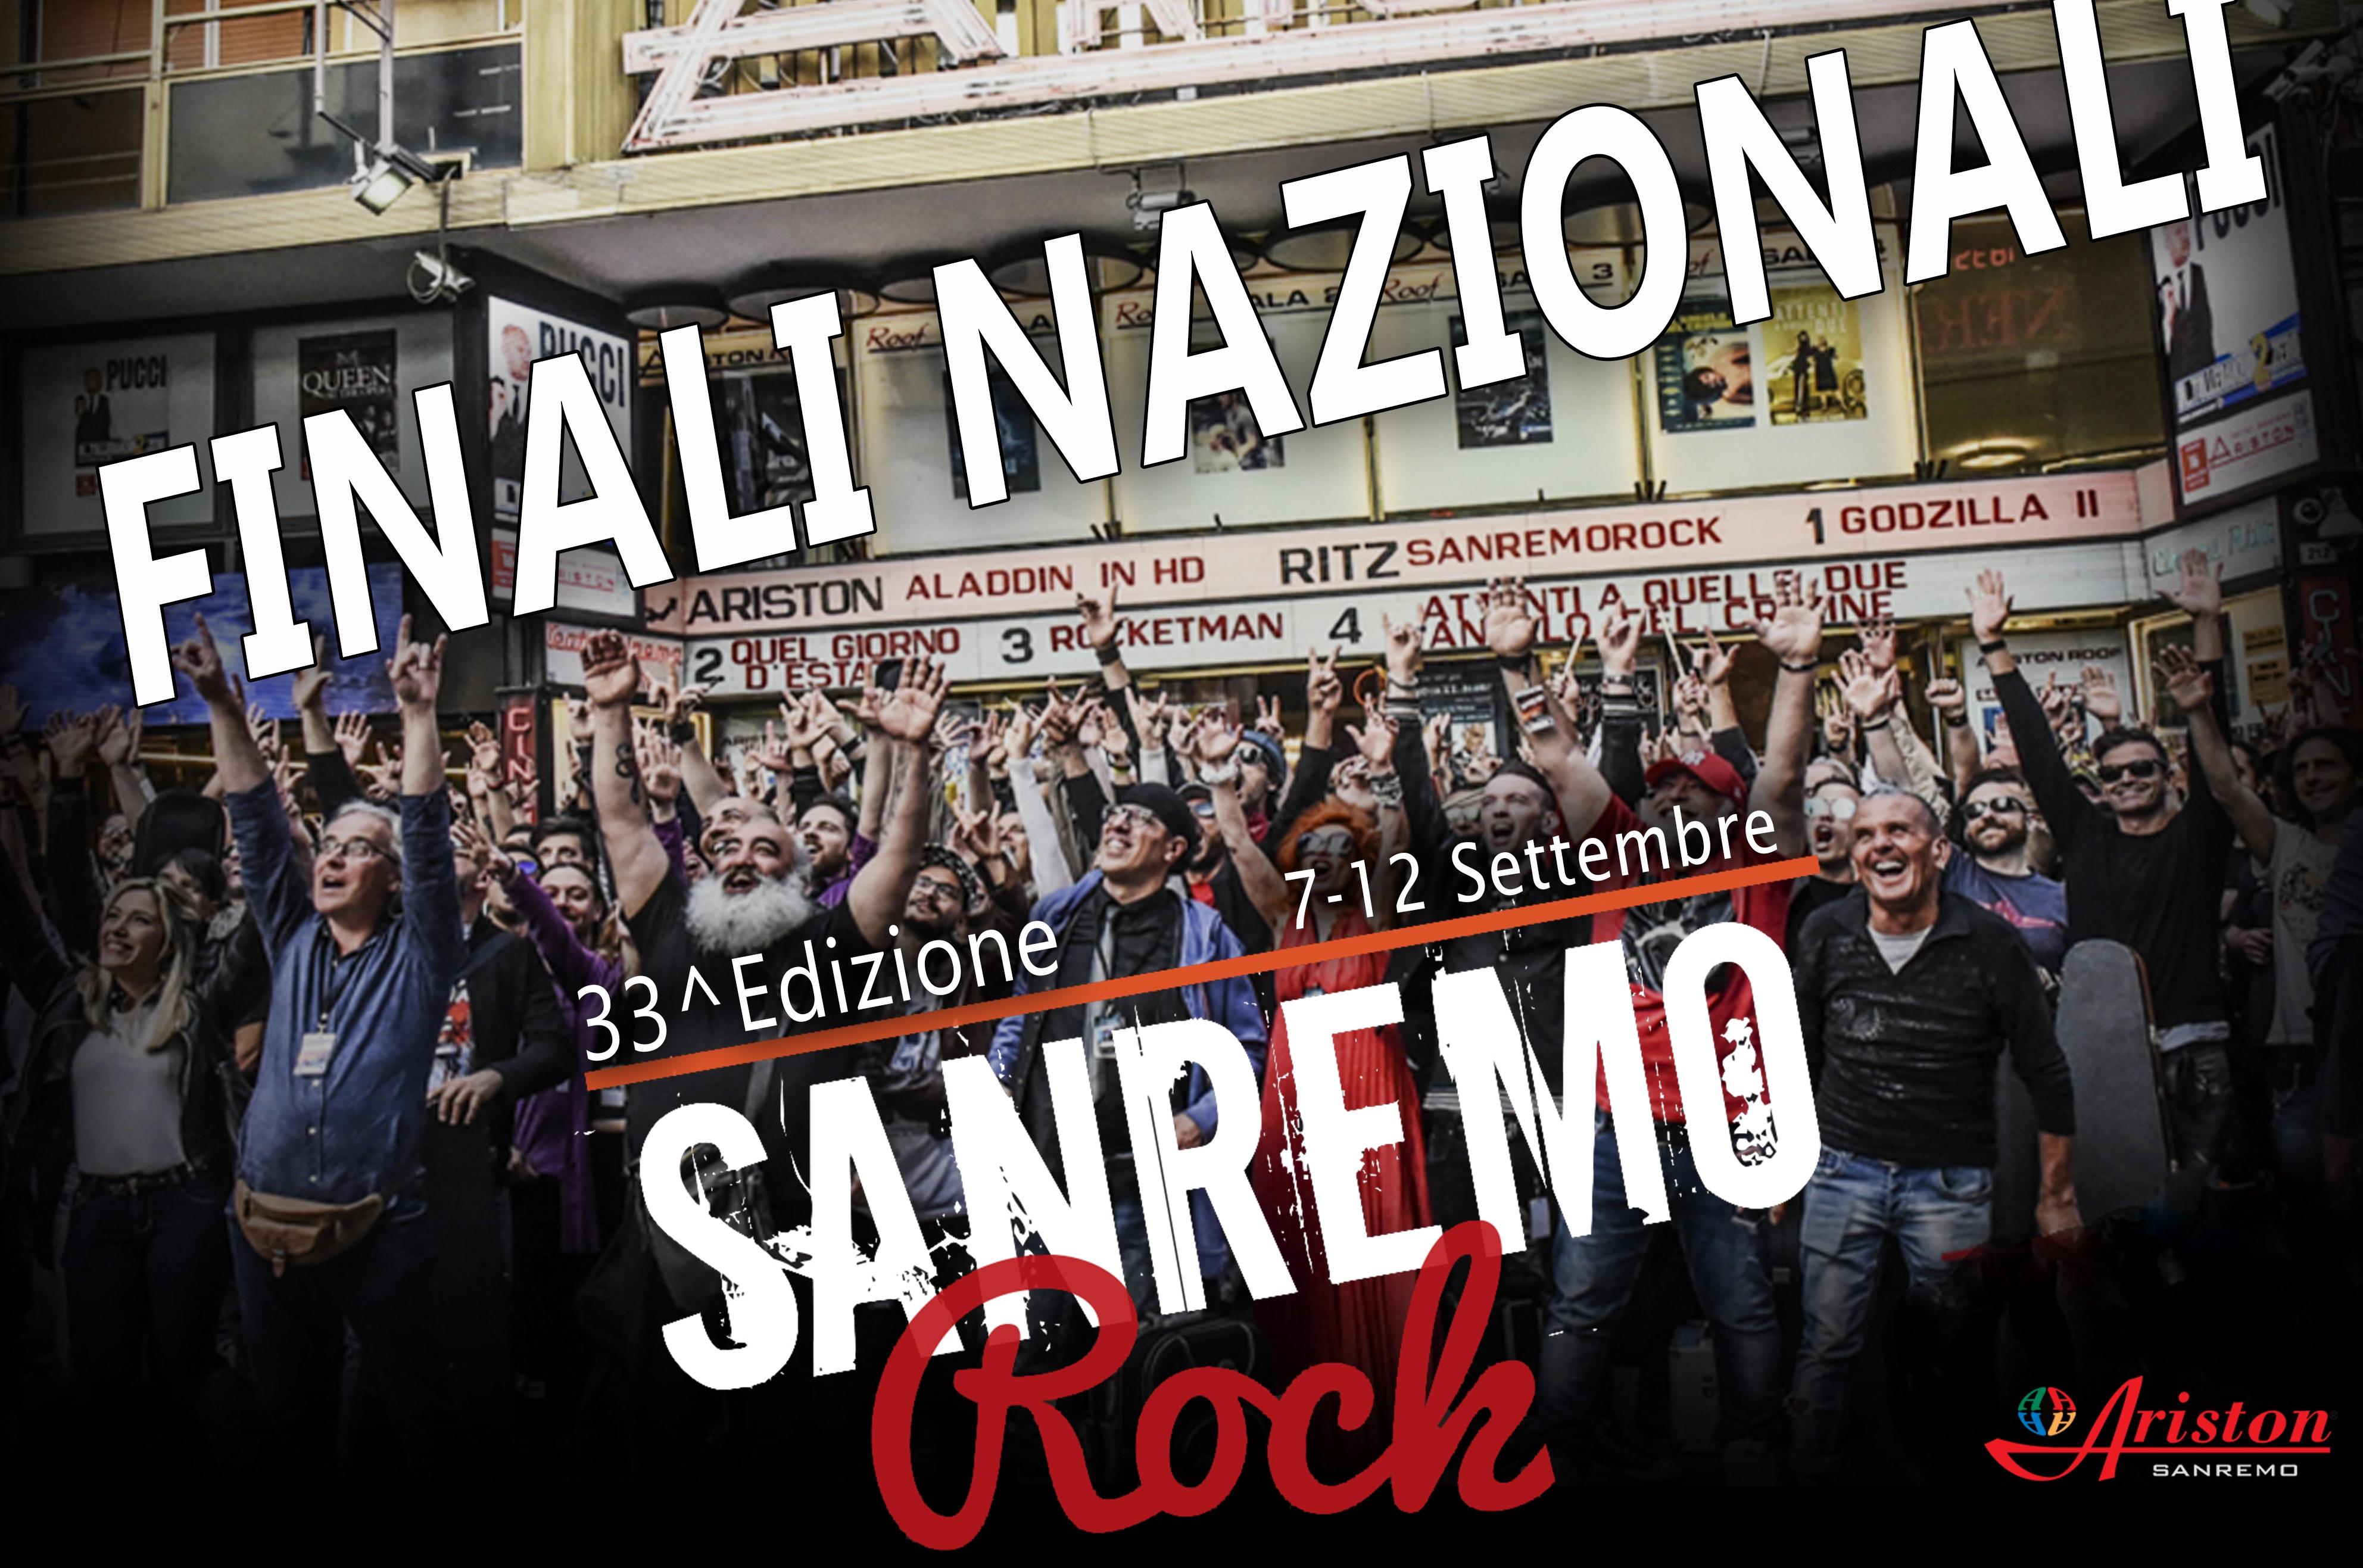 Dal 7 al 12 settembre le Finali di Sanremo Rock al Teatro Ariston